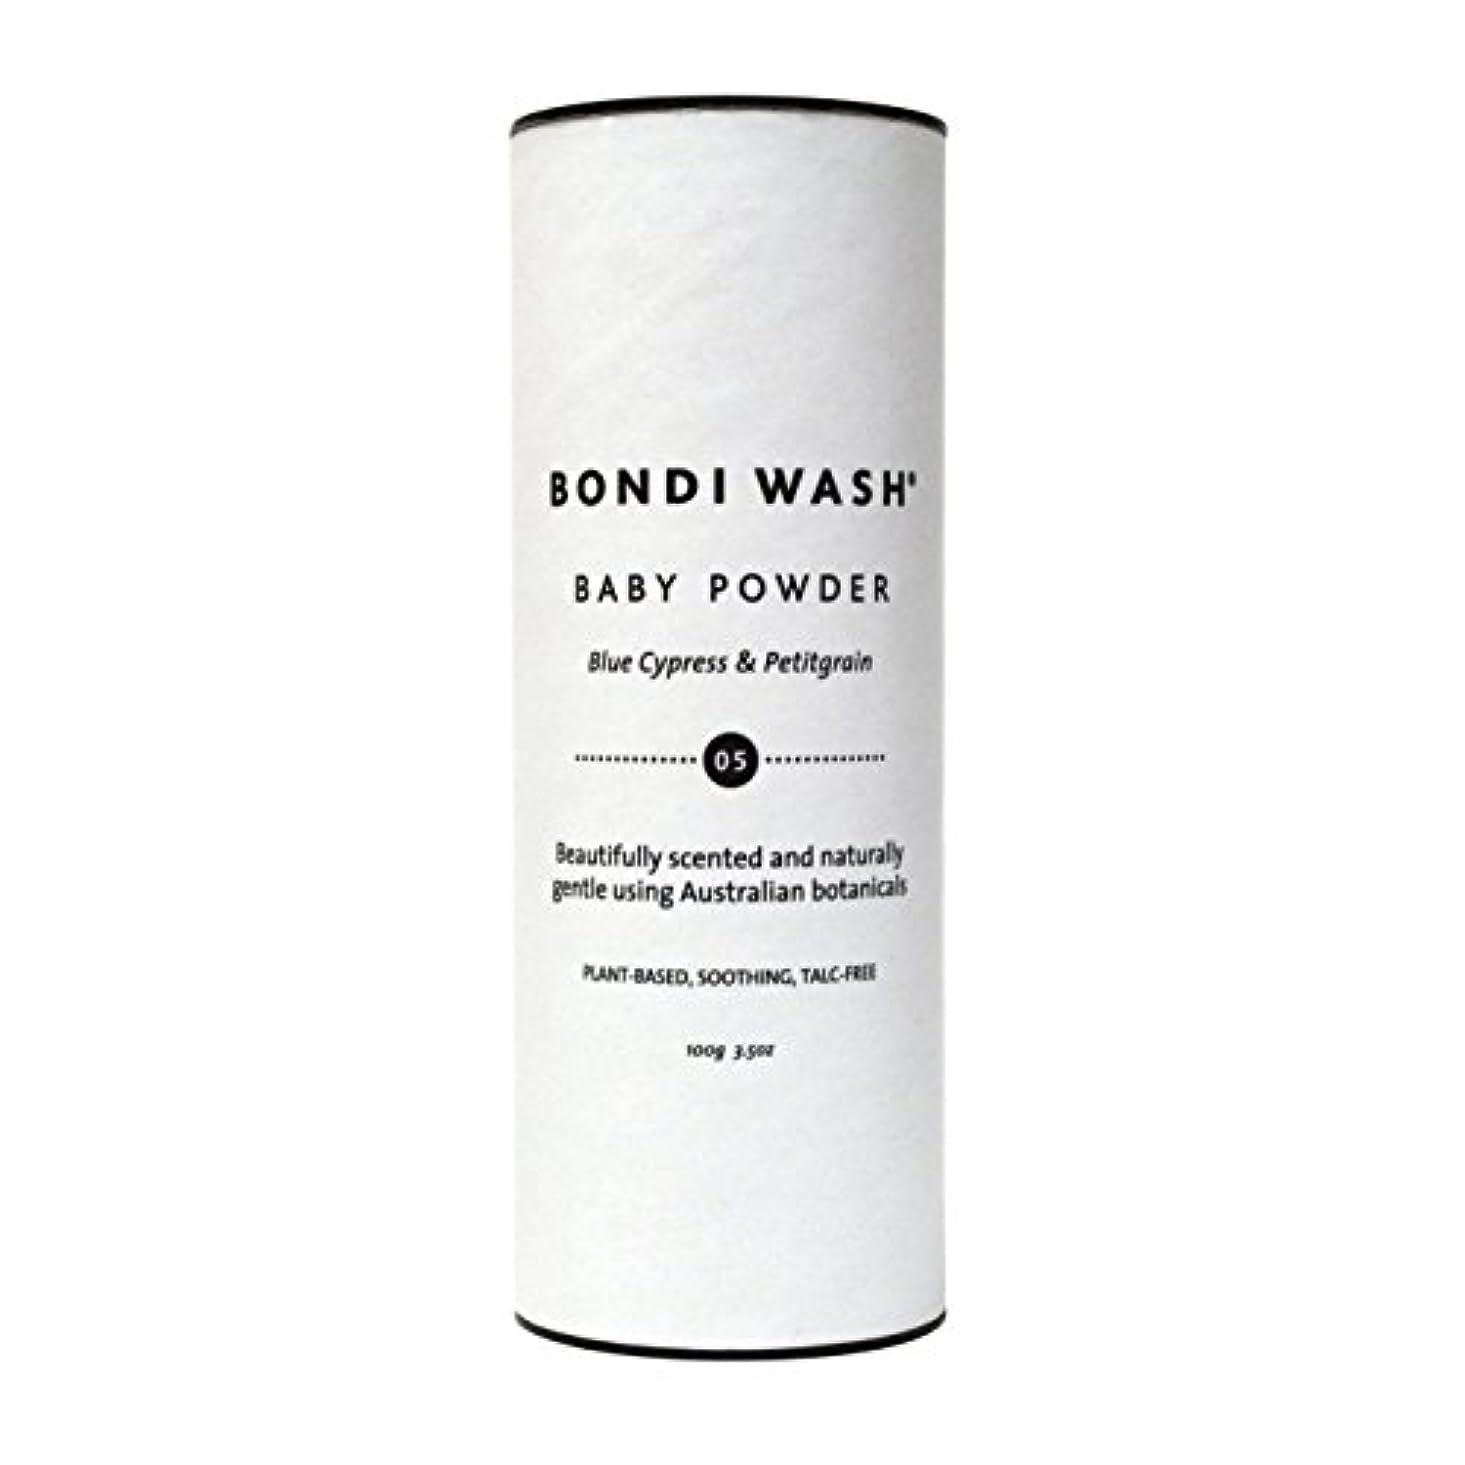 商標うそつき苦しみBONDI WASH ベビーパウダー 100g